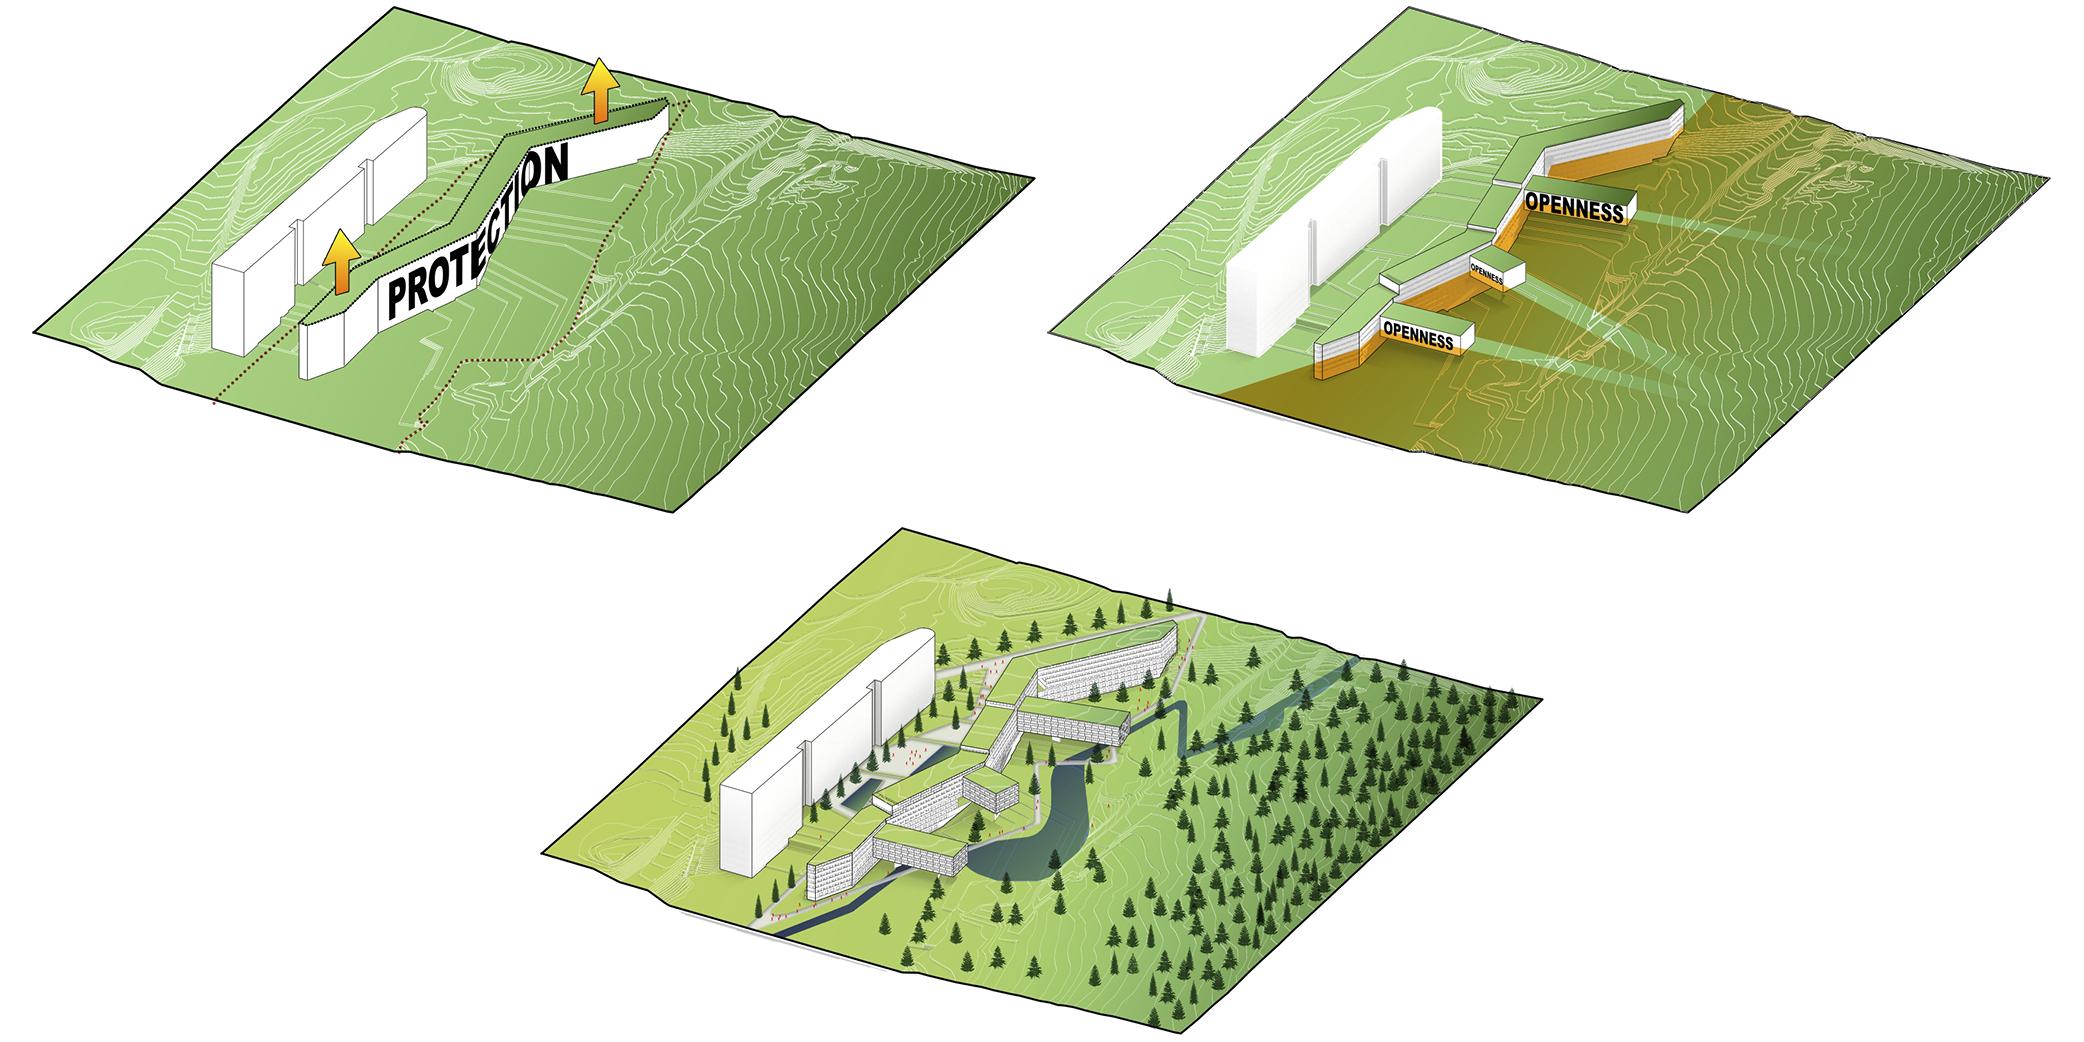 Concept diagrams developing the chosen design aprach